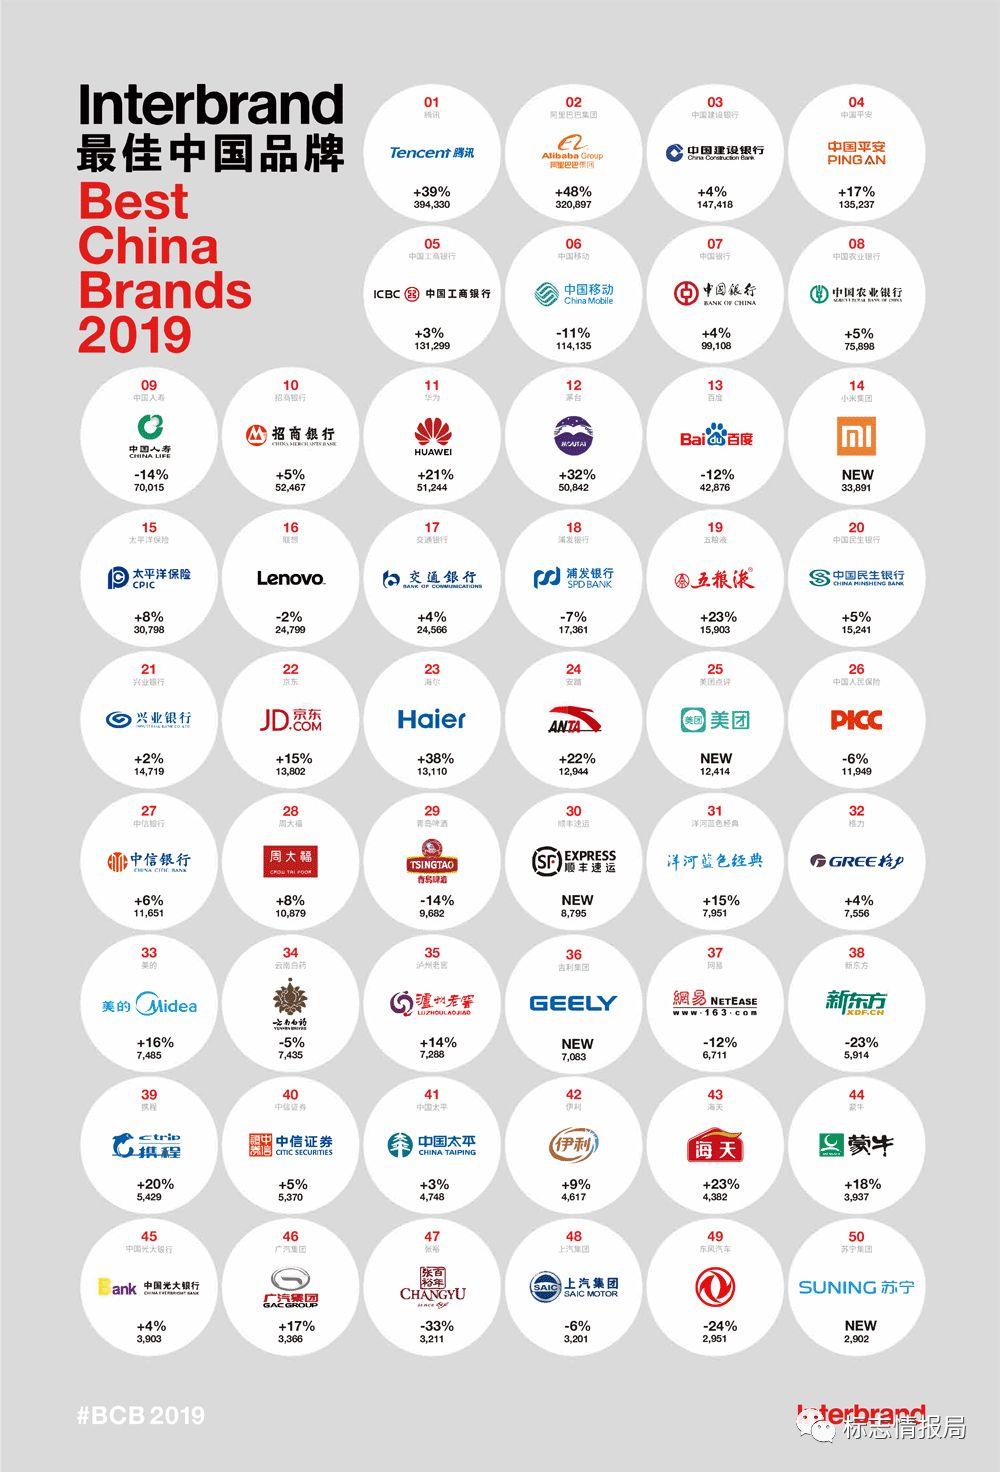 2019品牌排行_2019全球传媒品牌排行榜,前十强美国占了九席,优酷爱奇艺上